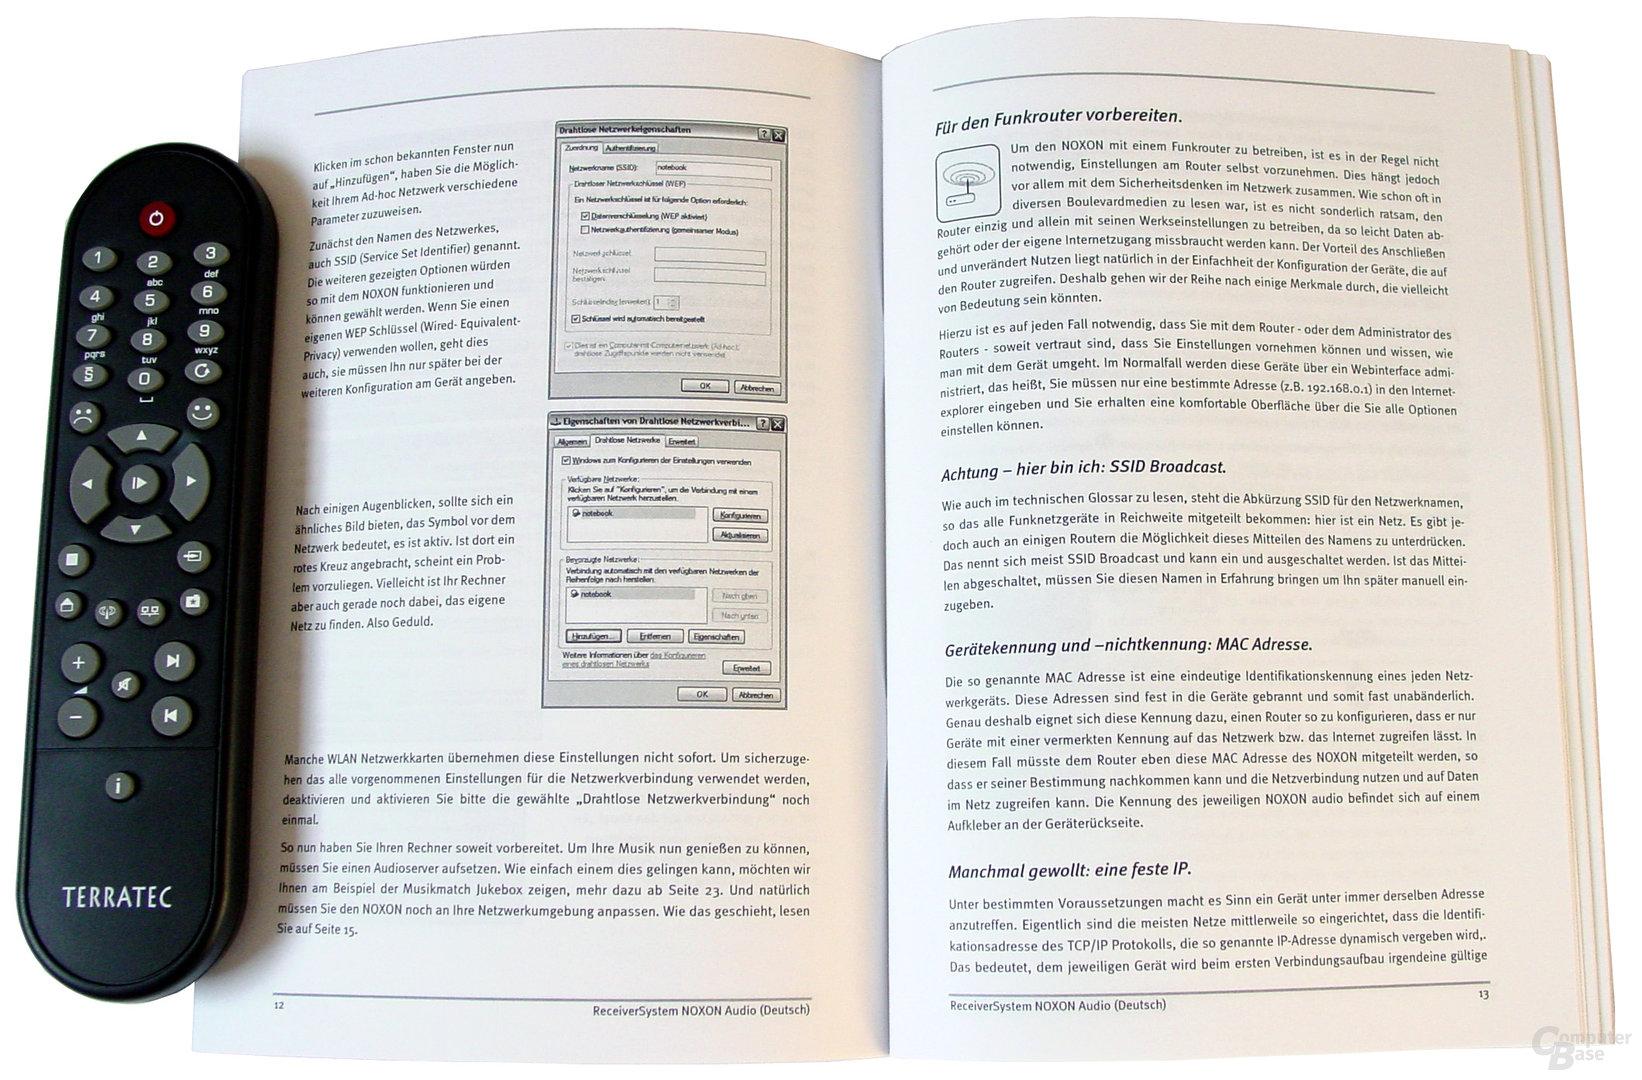 Noxon Audio - Handbuch